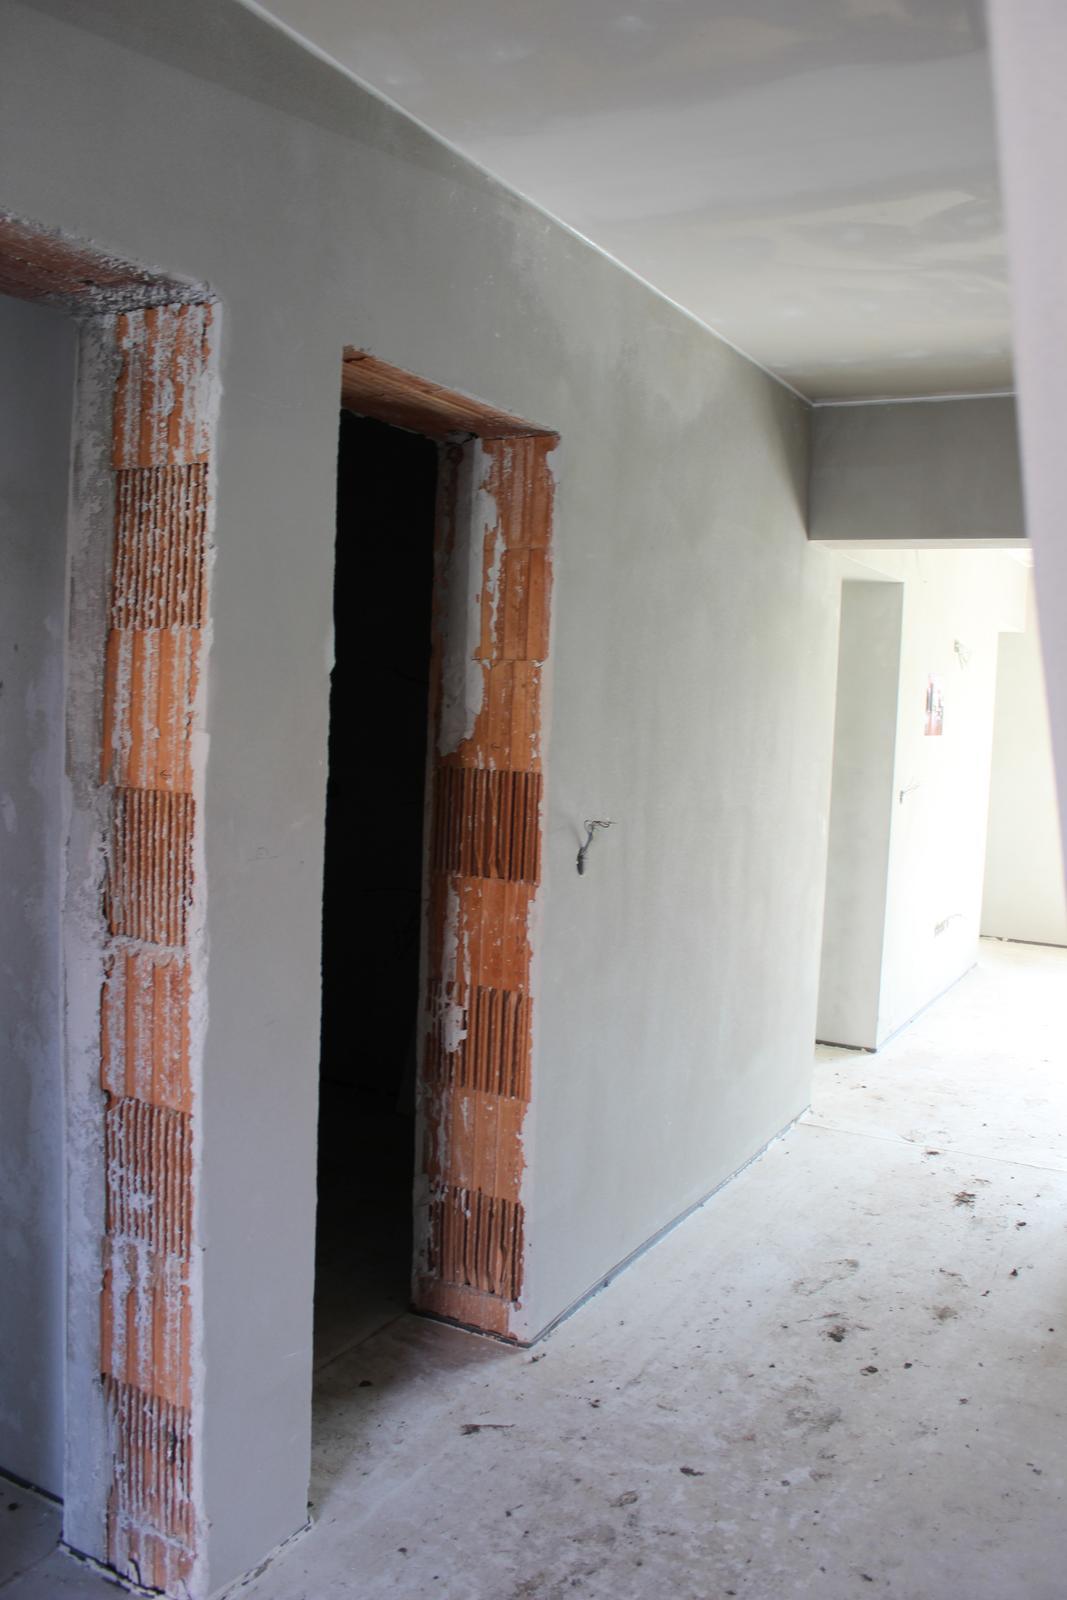 Splněný sen ... domeček - vstup vlevo prvni koupelna, vedle technicka mistnost a vstup do obyvaku, vyklenek vede do kuchyne